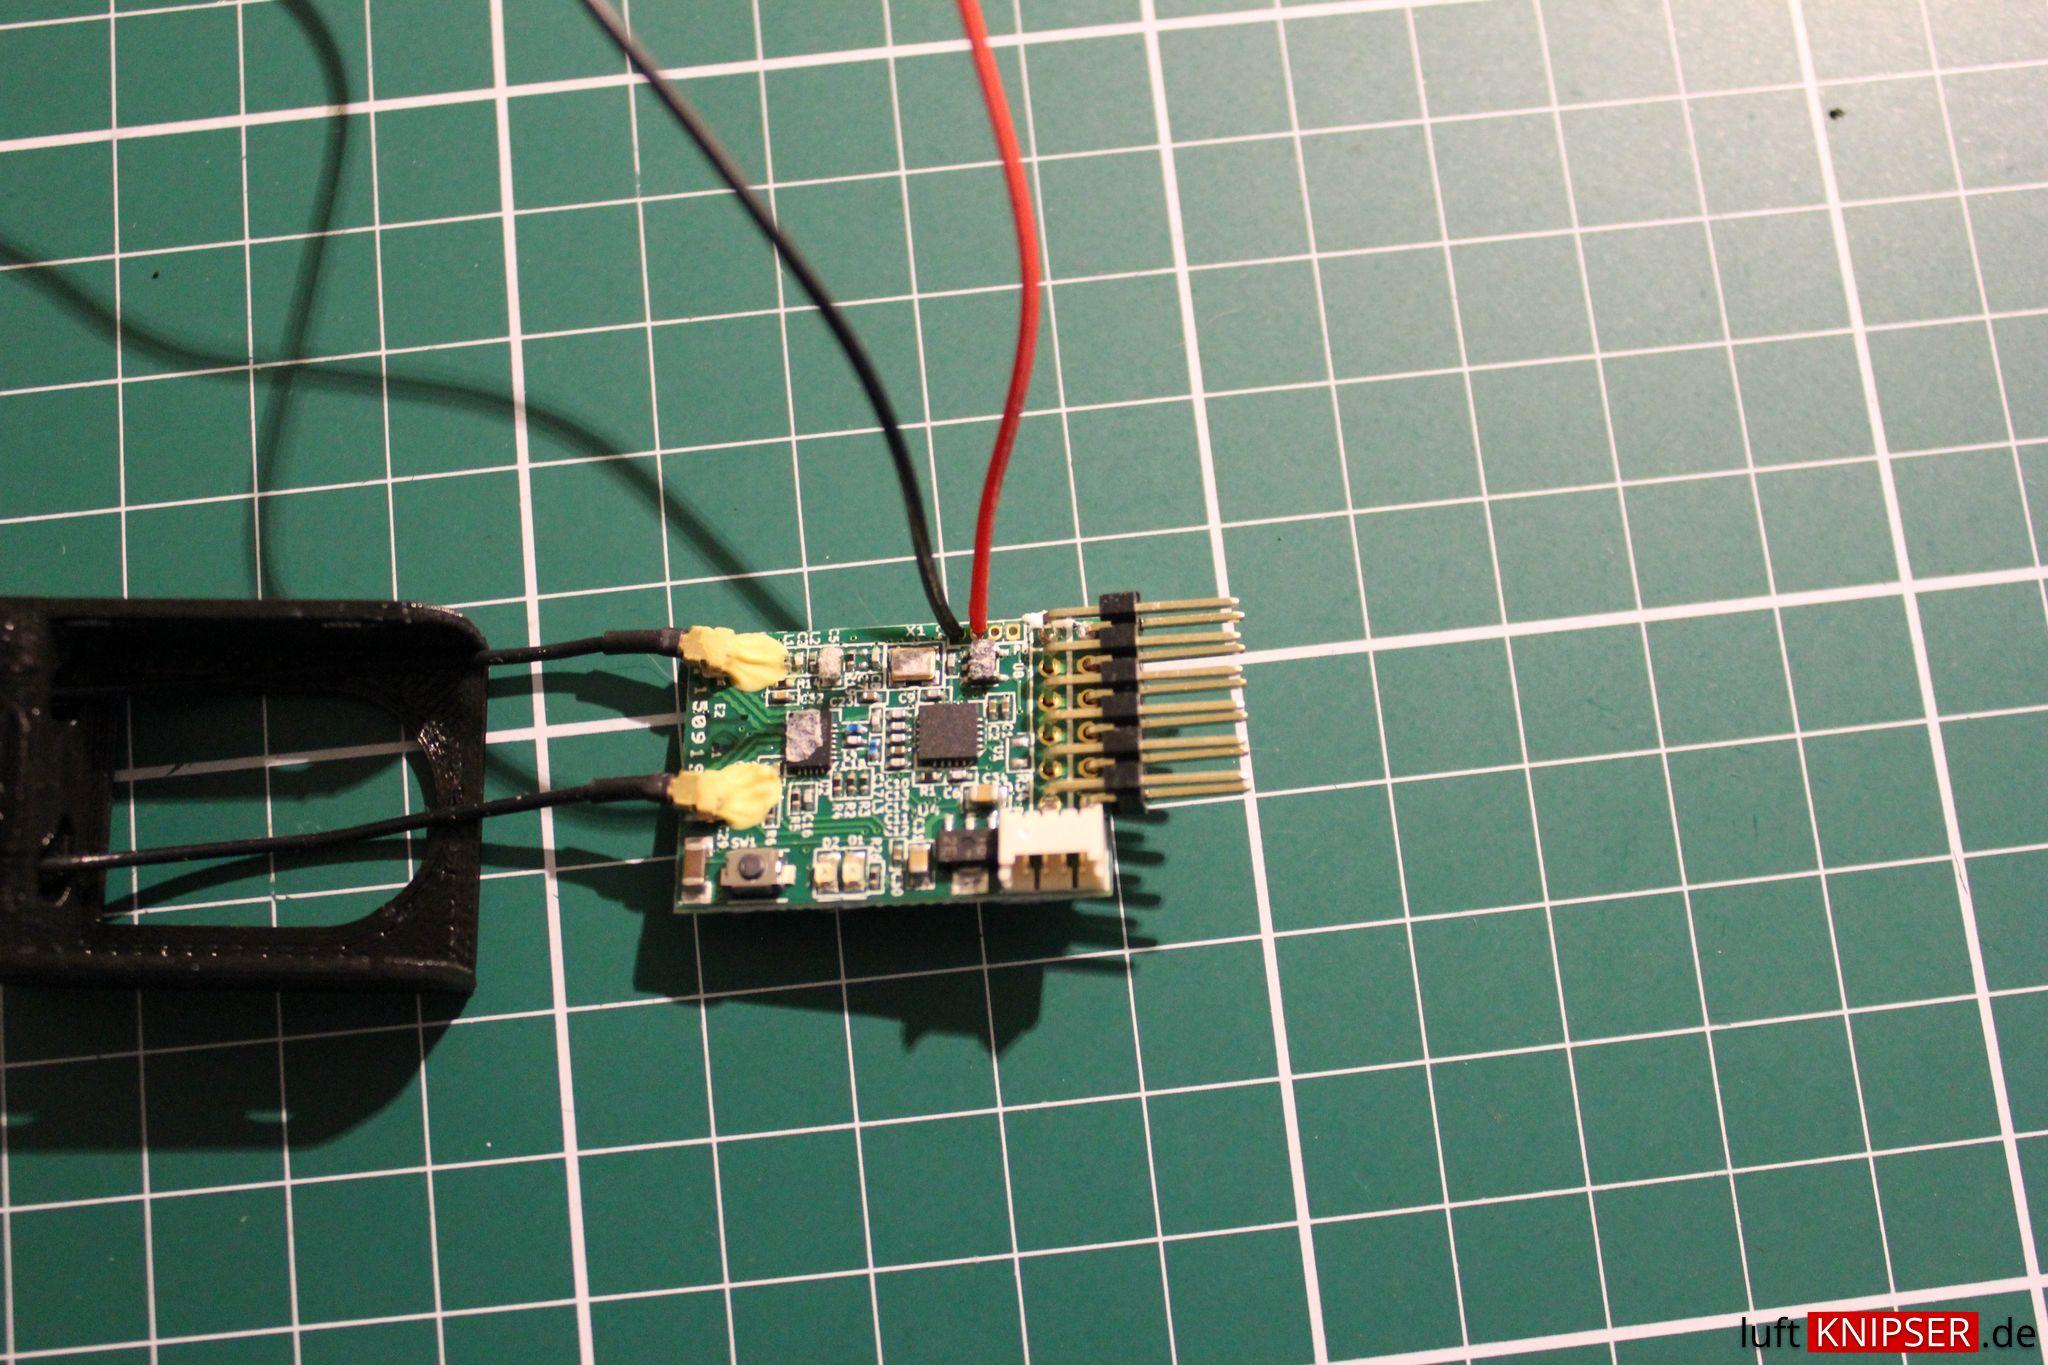 Naze32 Rev5 Und Frsky X4r Per Sbus Miteinander Verbinden Luftknipser Schematic Filigrane Anschlusspunkte